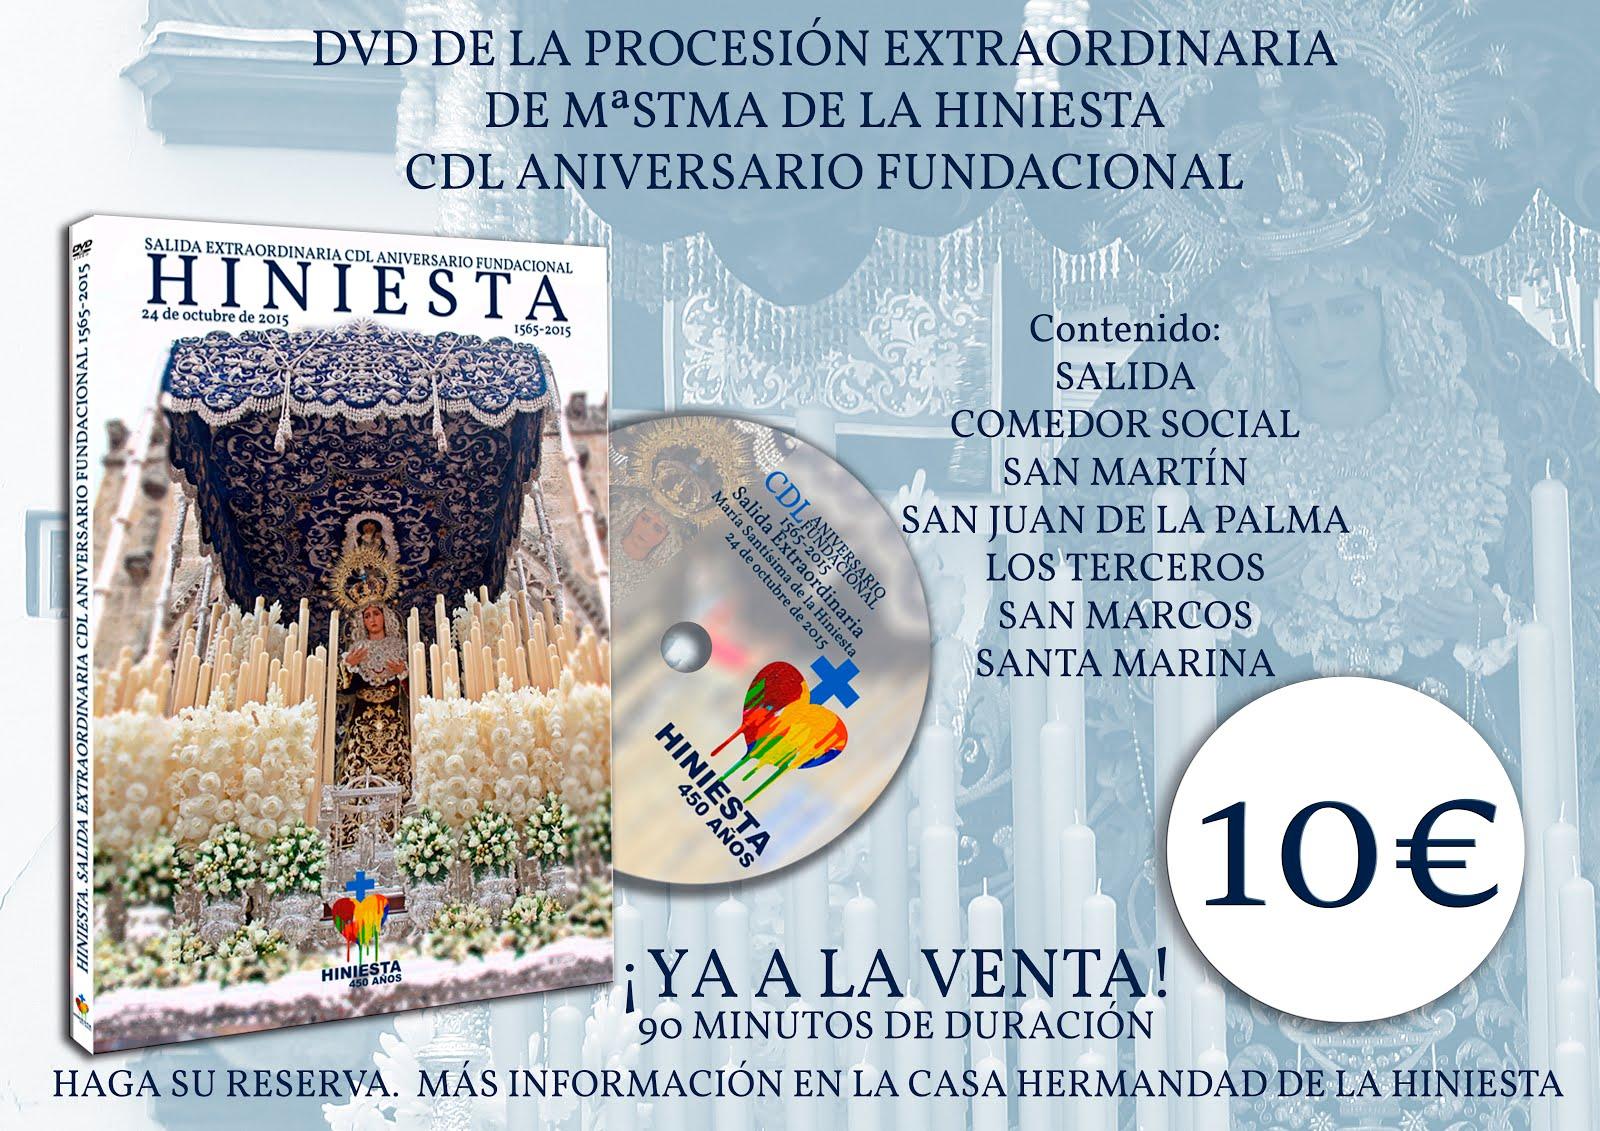 DVD DE LA SALIDA EXTRAORDINARIA